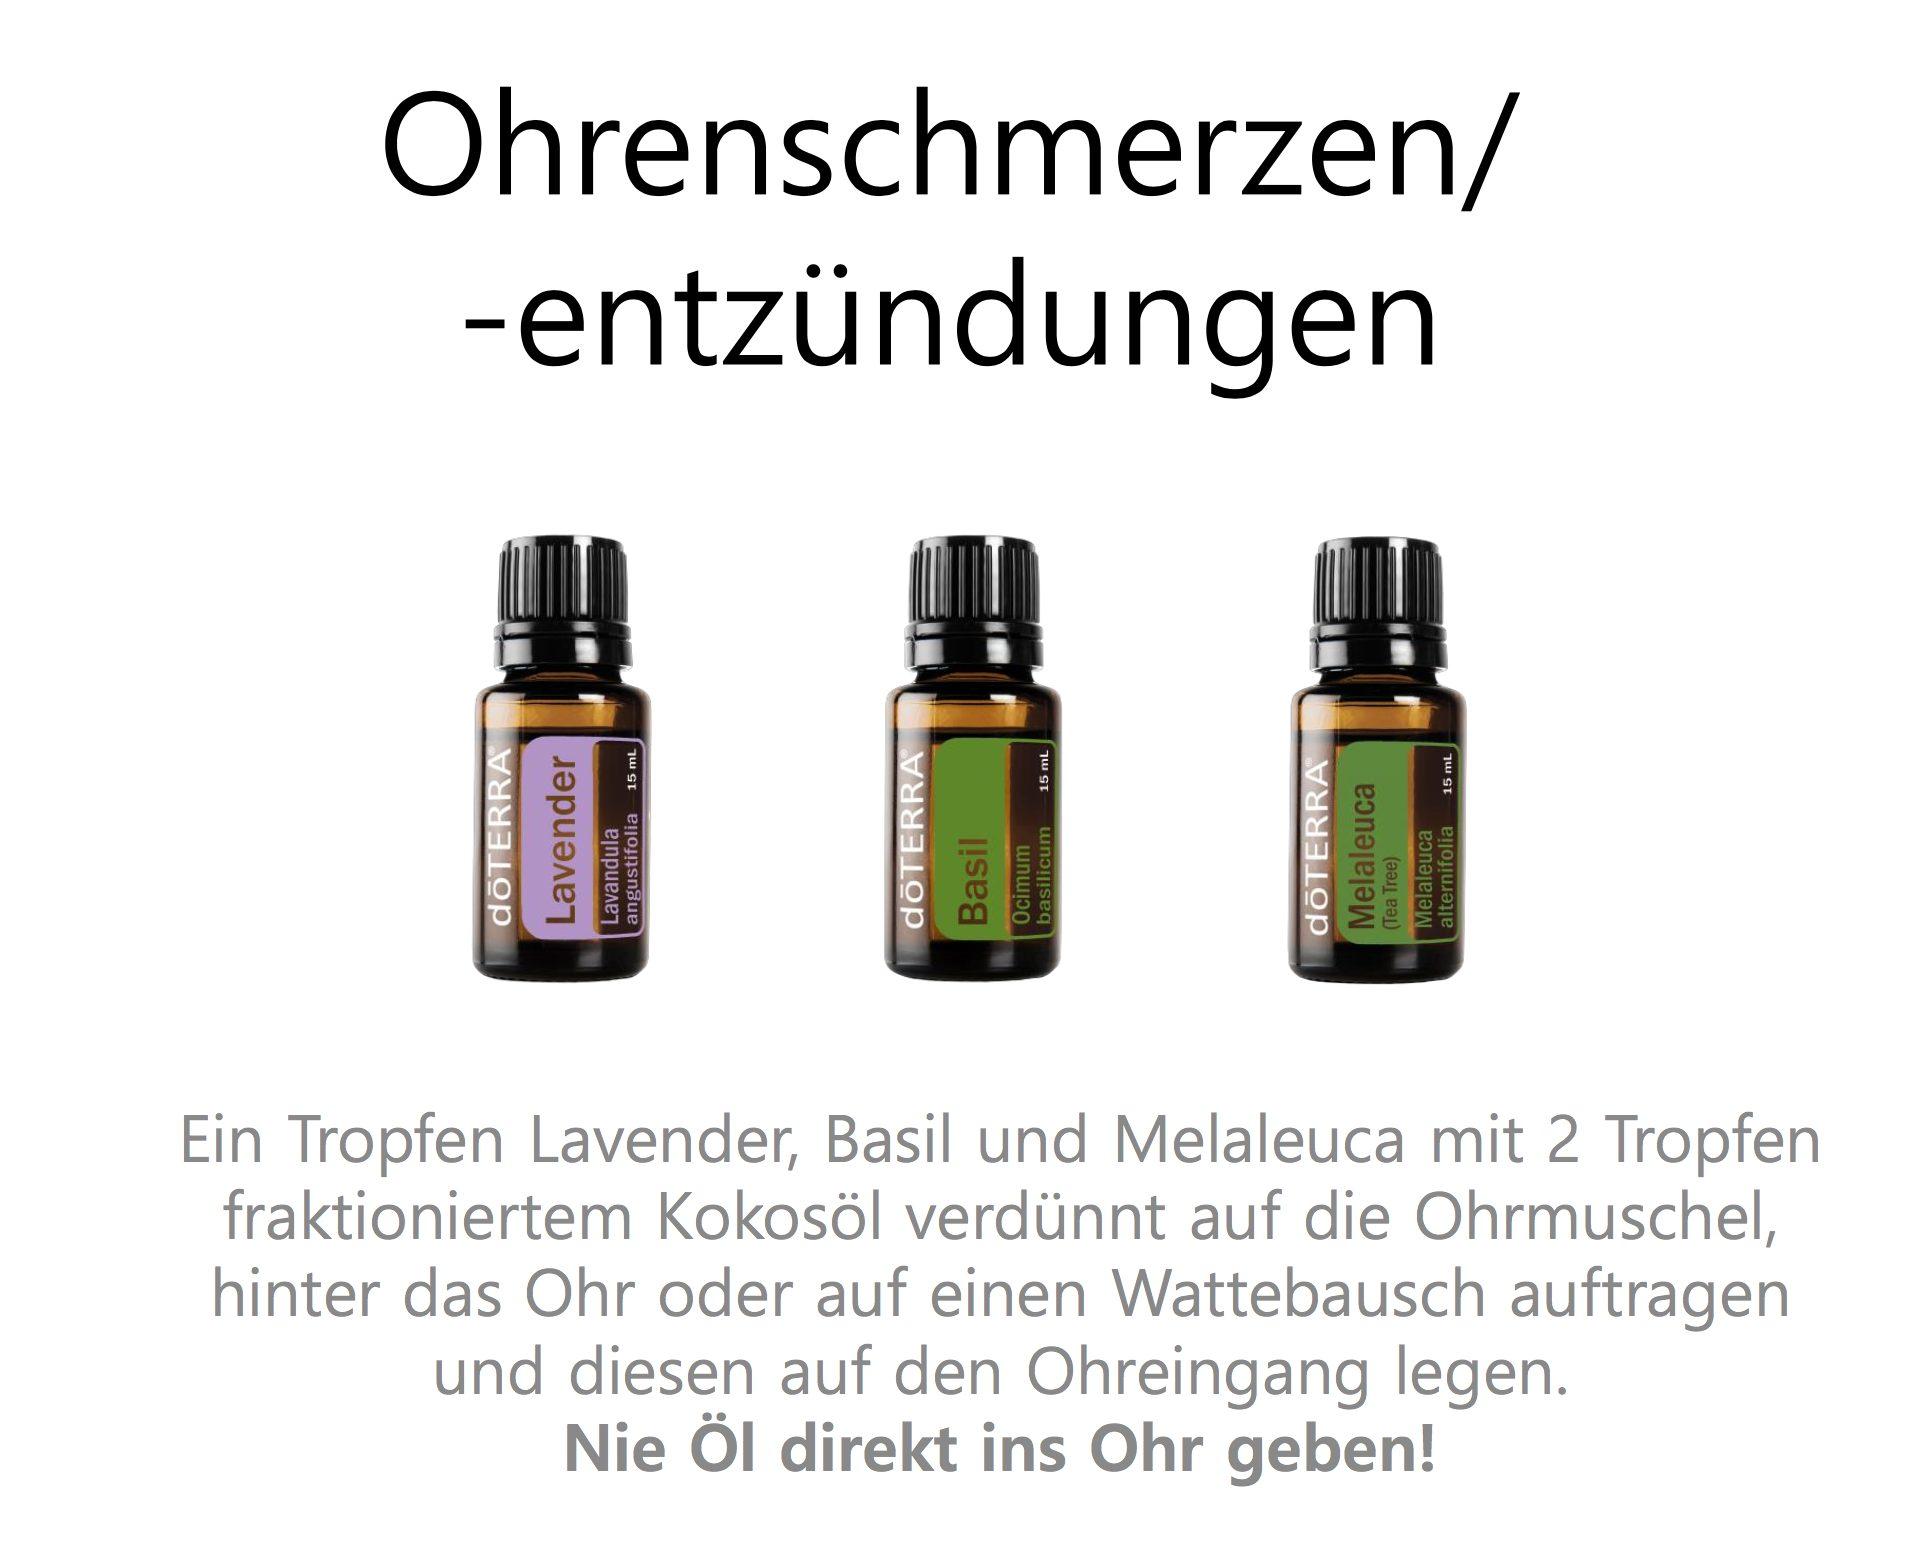 Öle gegen Ohrenschmerzen